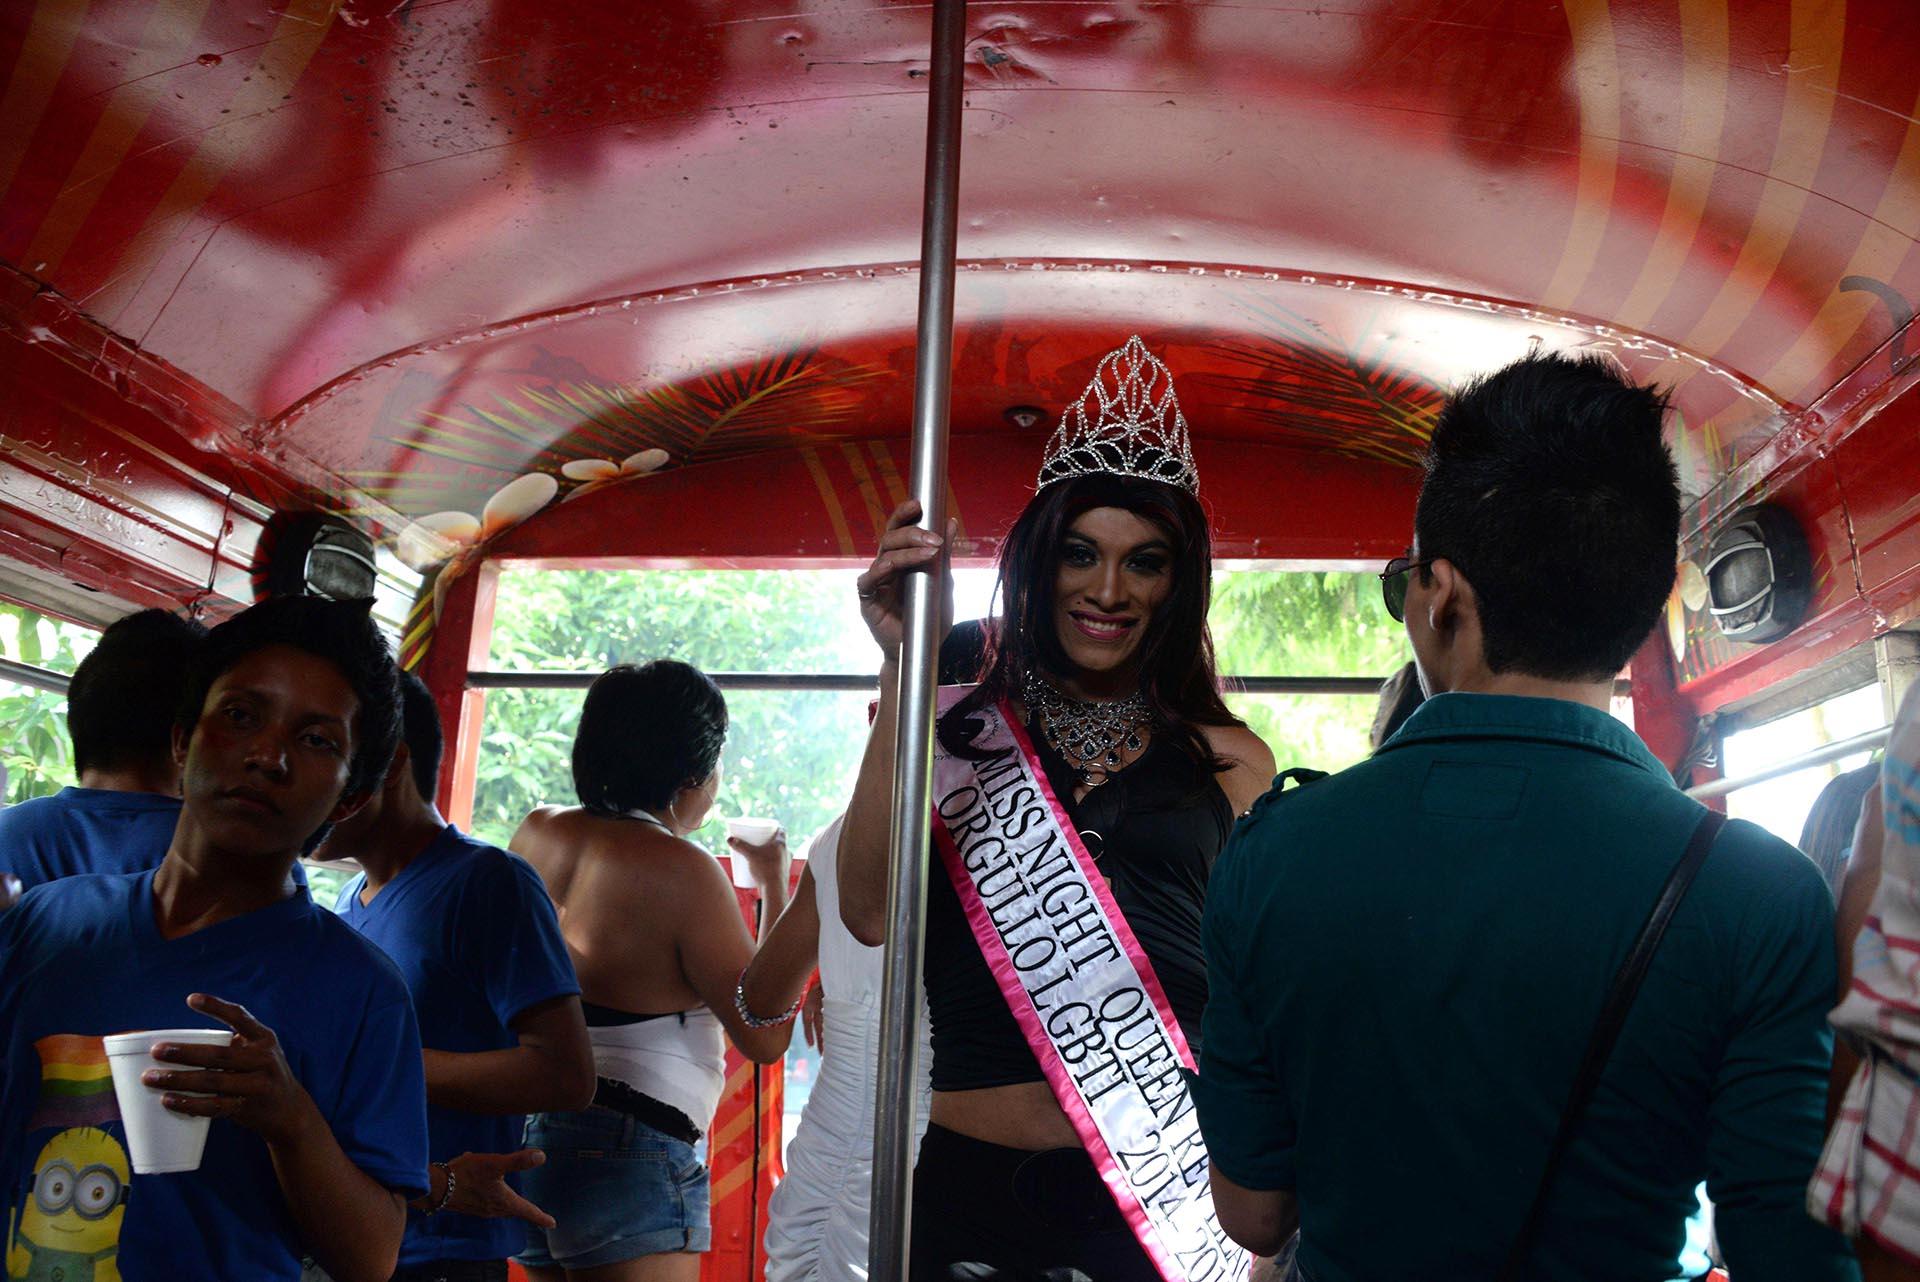 Un manifestante se sube a un autobús durante el Desfile del Orgullo en la Ciudad de Guatemala el 28 de junio de 2014.